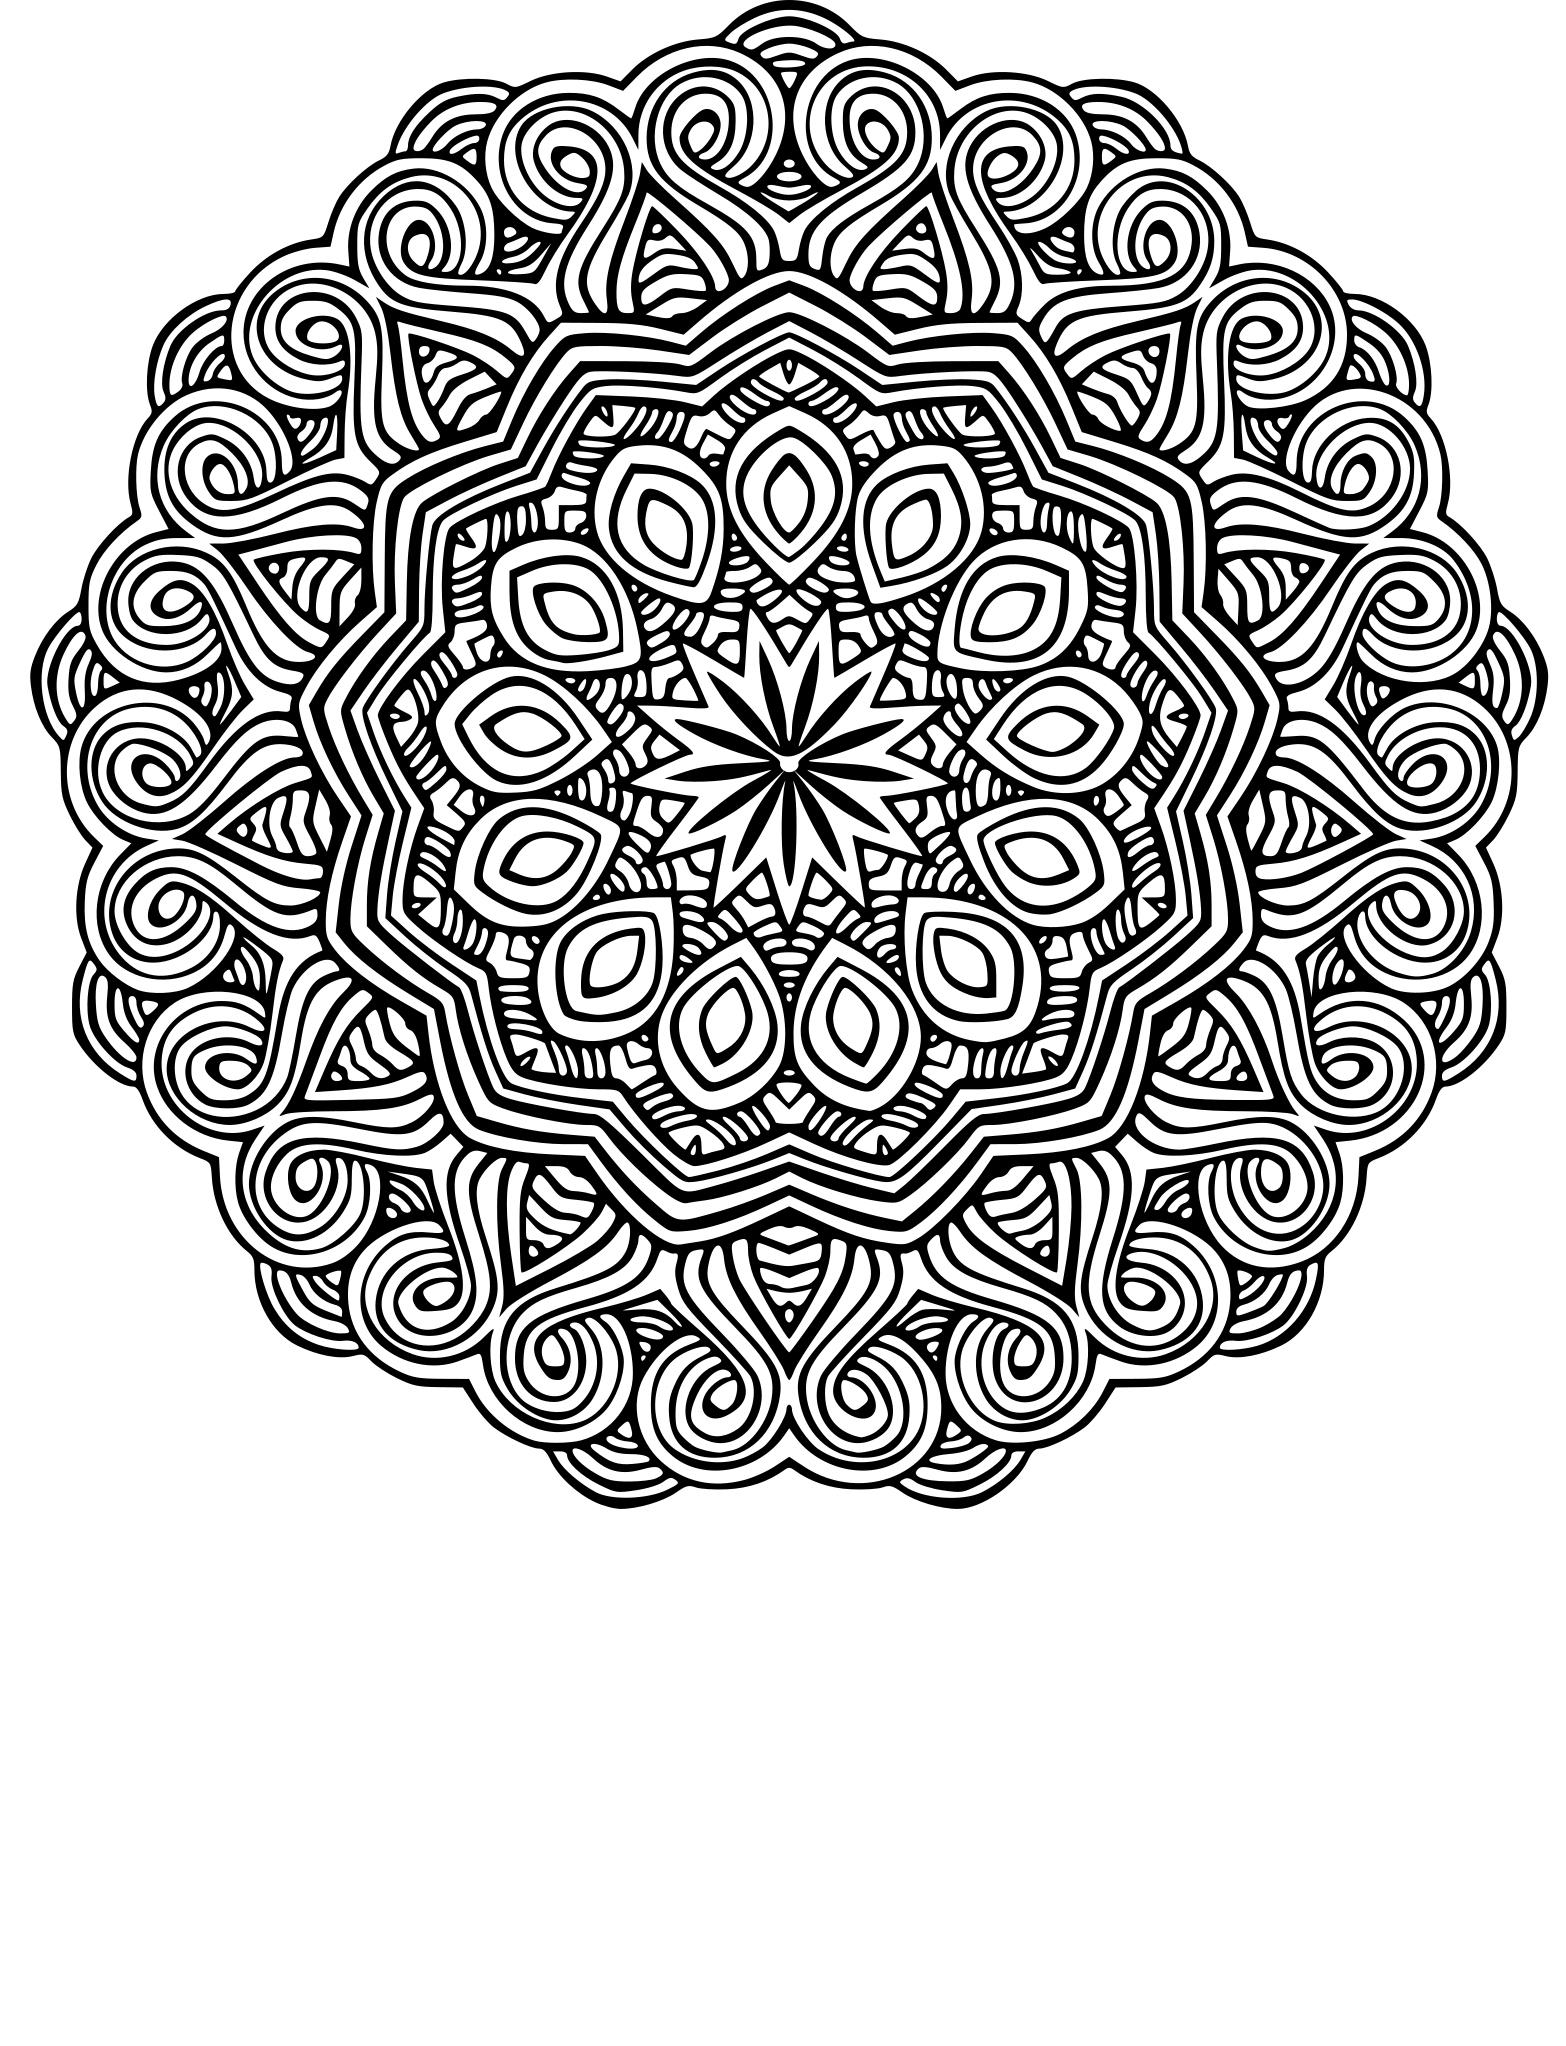 Coloriage Mandala Ethnique À Imprimer à Coloriage Mandala